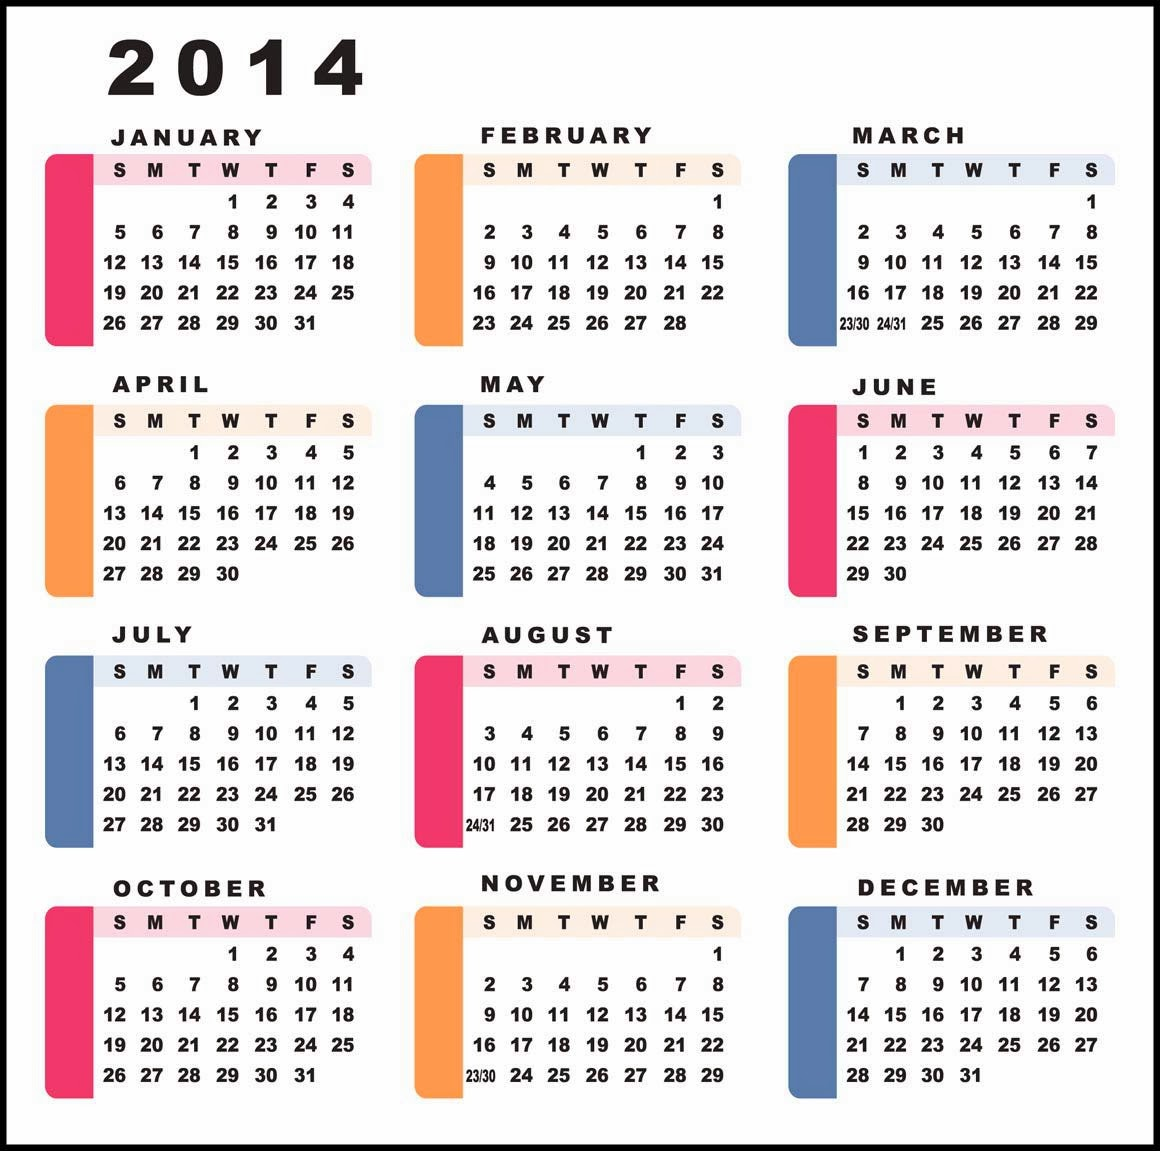 صور تقويم سنة 2014 , تصاميم تقويم عام 2014 , Calendar Year 2014